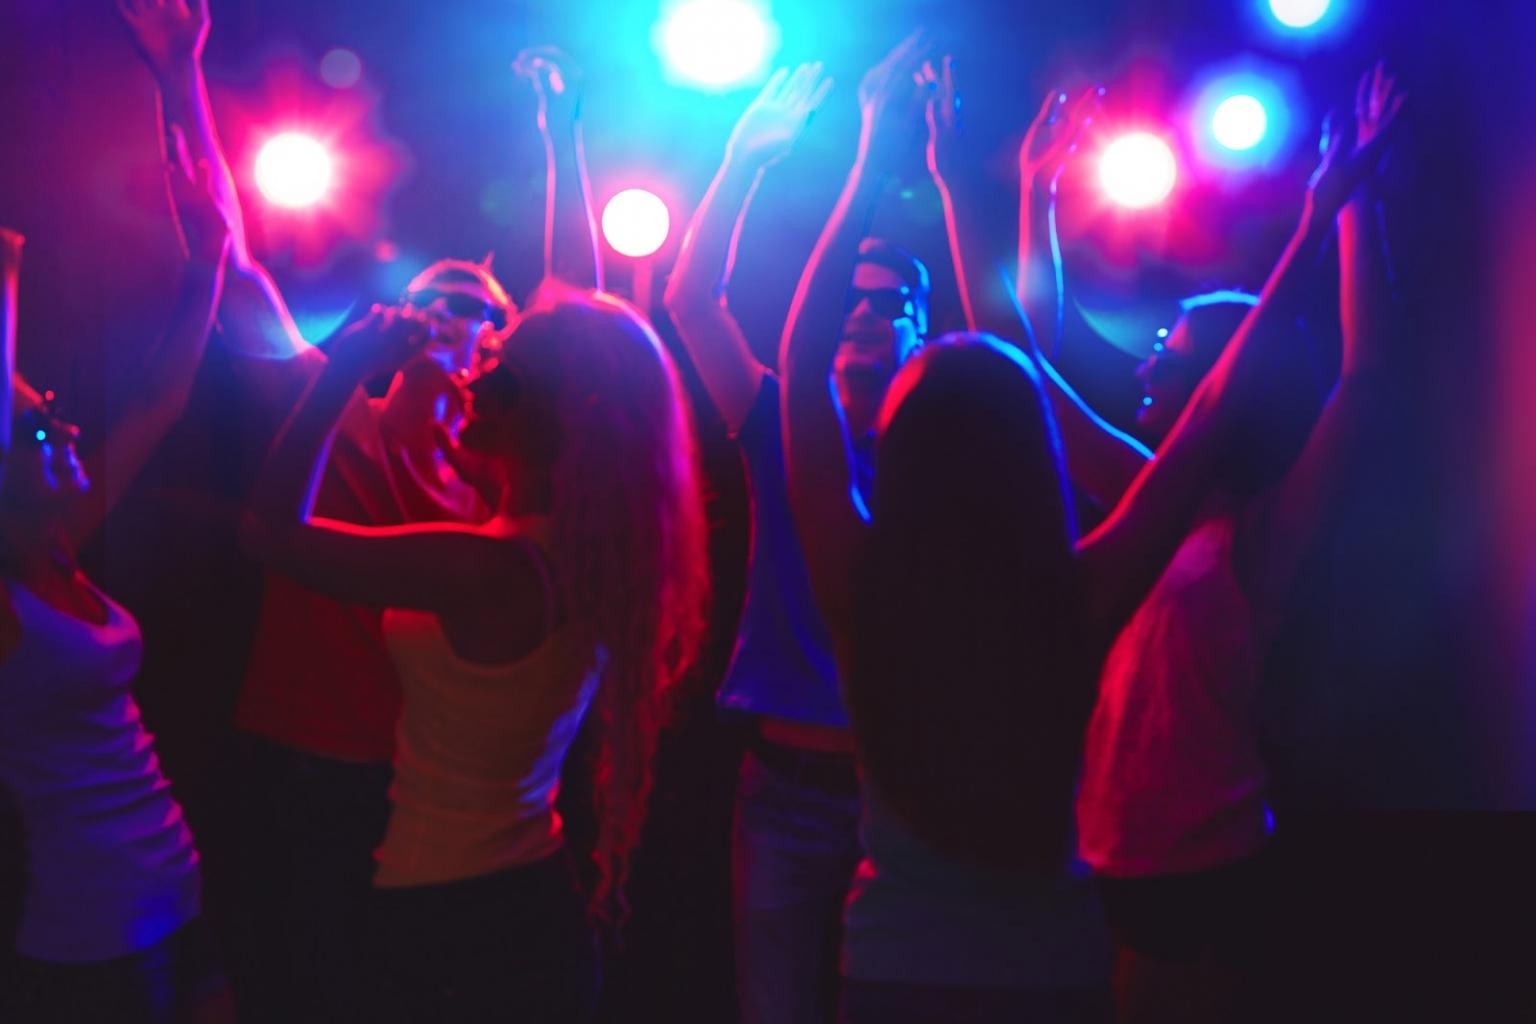 In Bayern ist auf Halloweenpartys um 2:00 Uhr Schluss mit Tanzen.